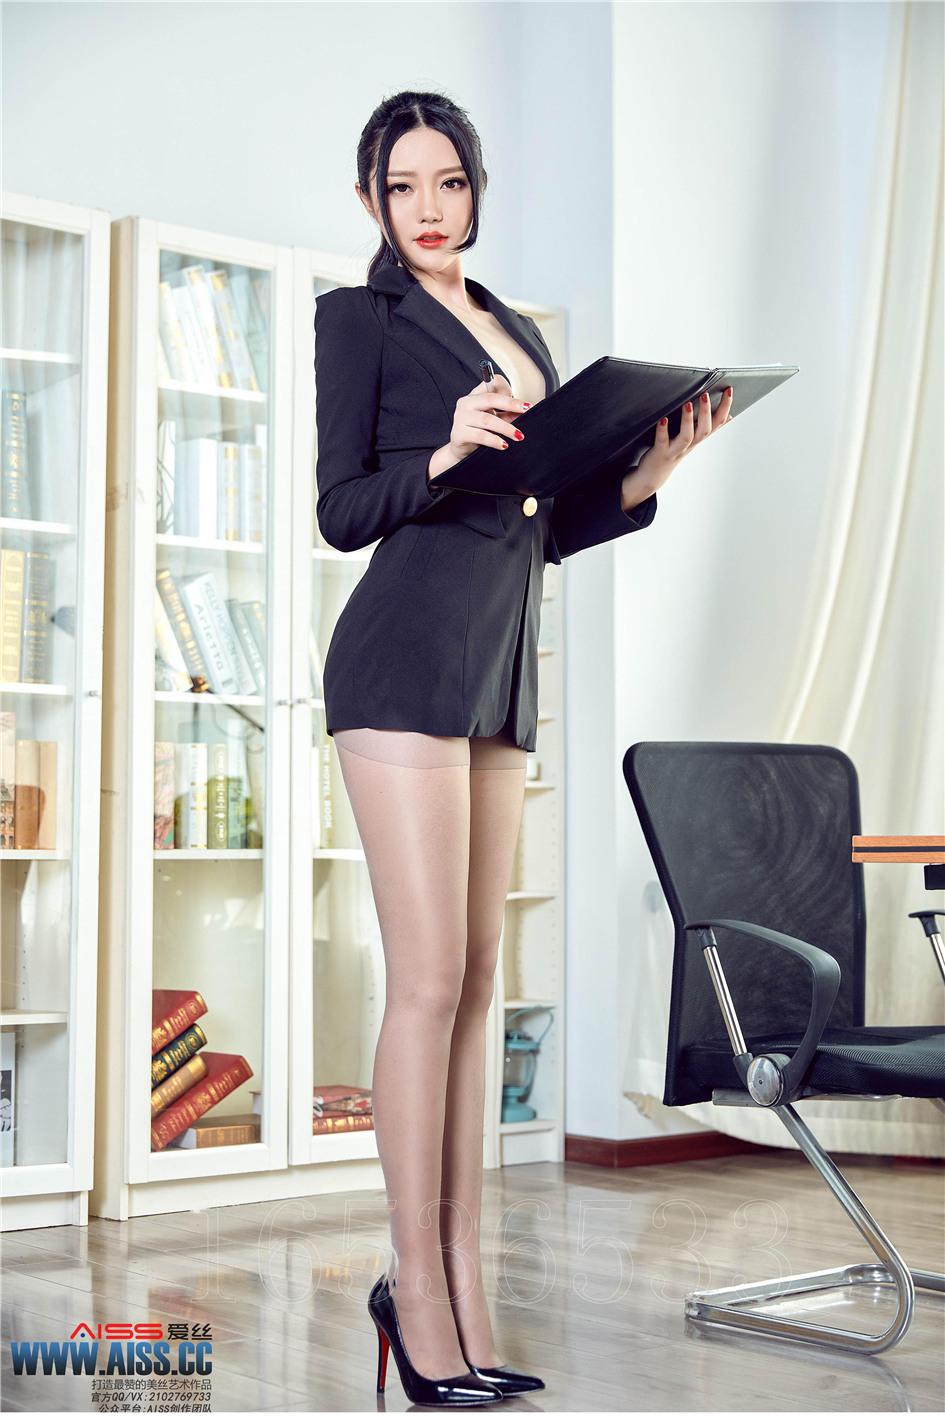 [爱丝] 性感长腿丝袜女秘书办公室无内诱惑 第143期